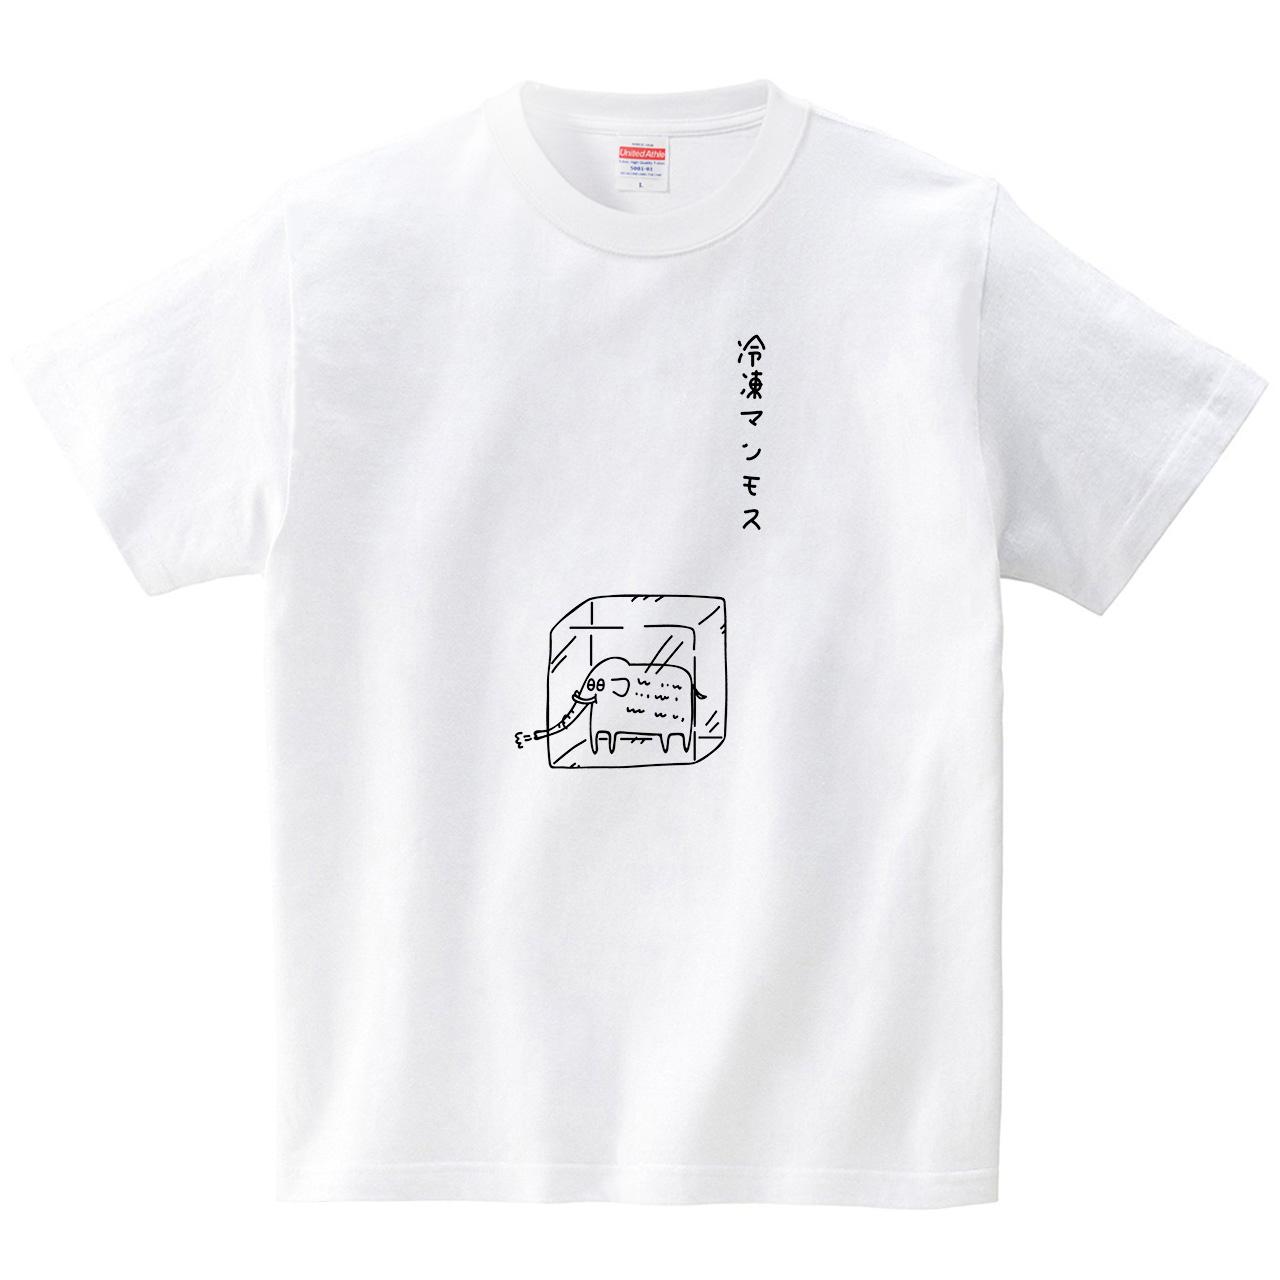 冷凍マンモス(Tシャツ・ホワイト)(オワリ)